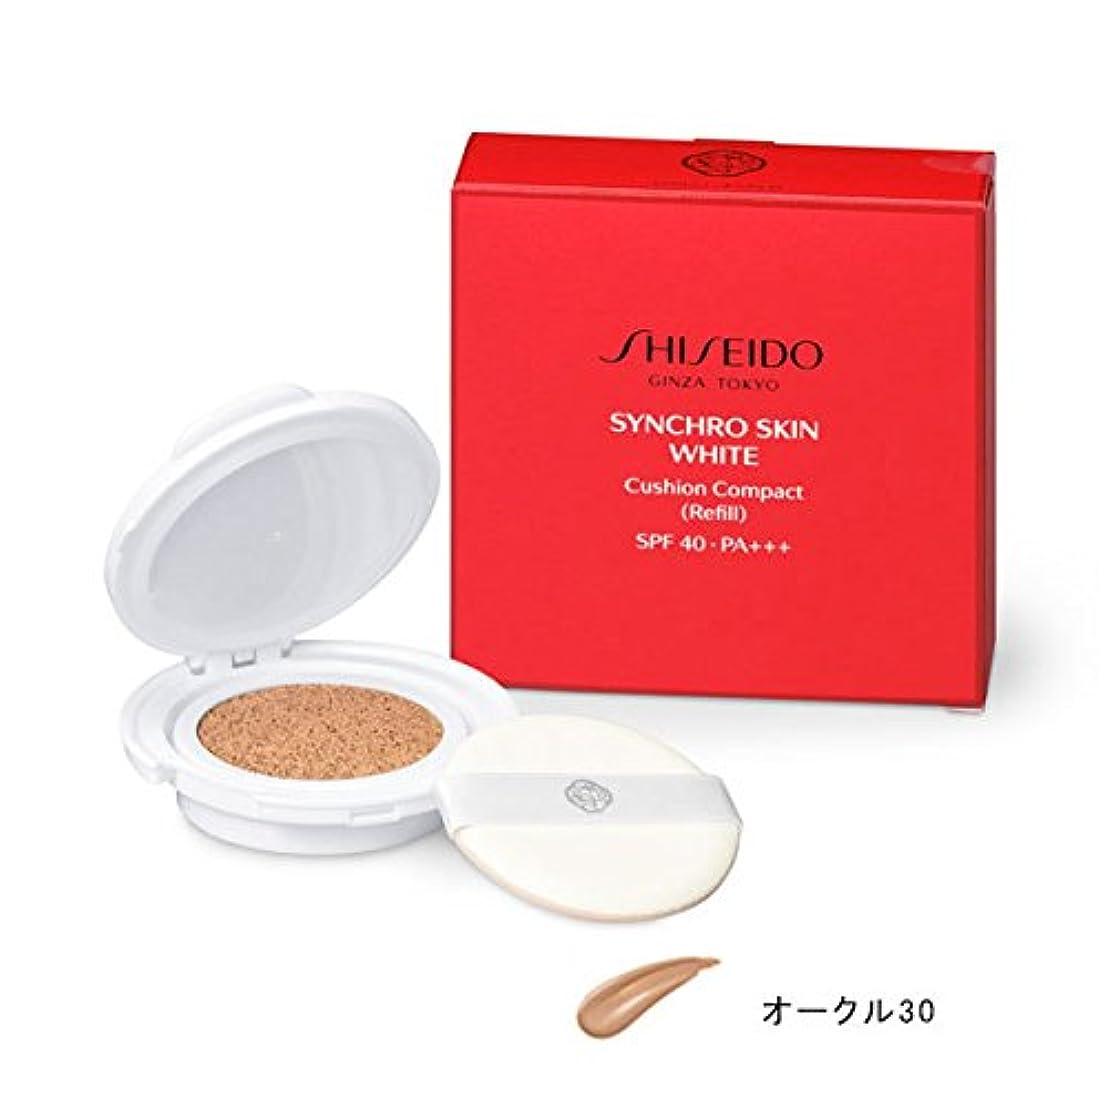 なぞらえるホーム教師の日SHISEIDO Makeup(資生堂 メーキャップ) SHISEIDO(資生堂) シンクロスキン ホワイト クッションコンパクト WT レフィル(医薬部外品) (オークル30)